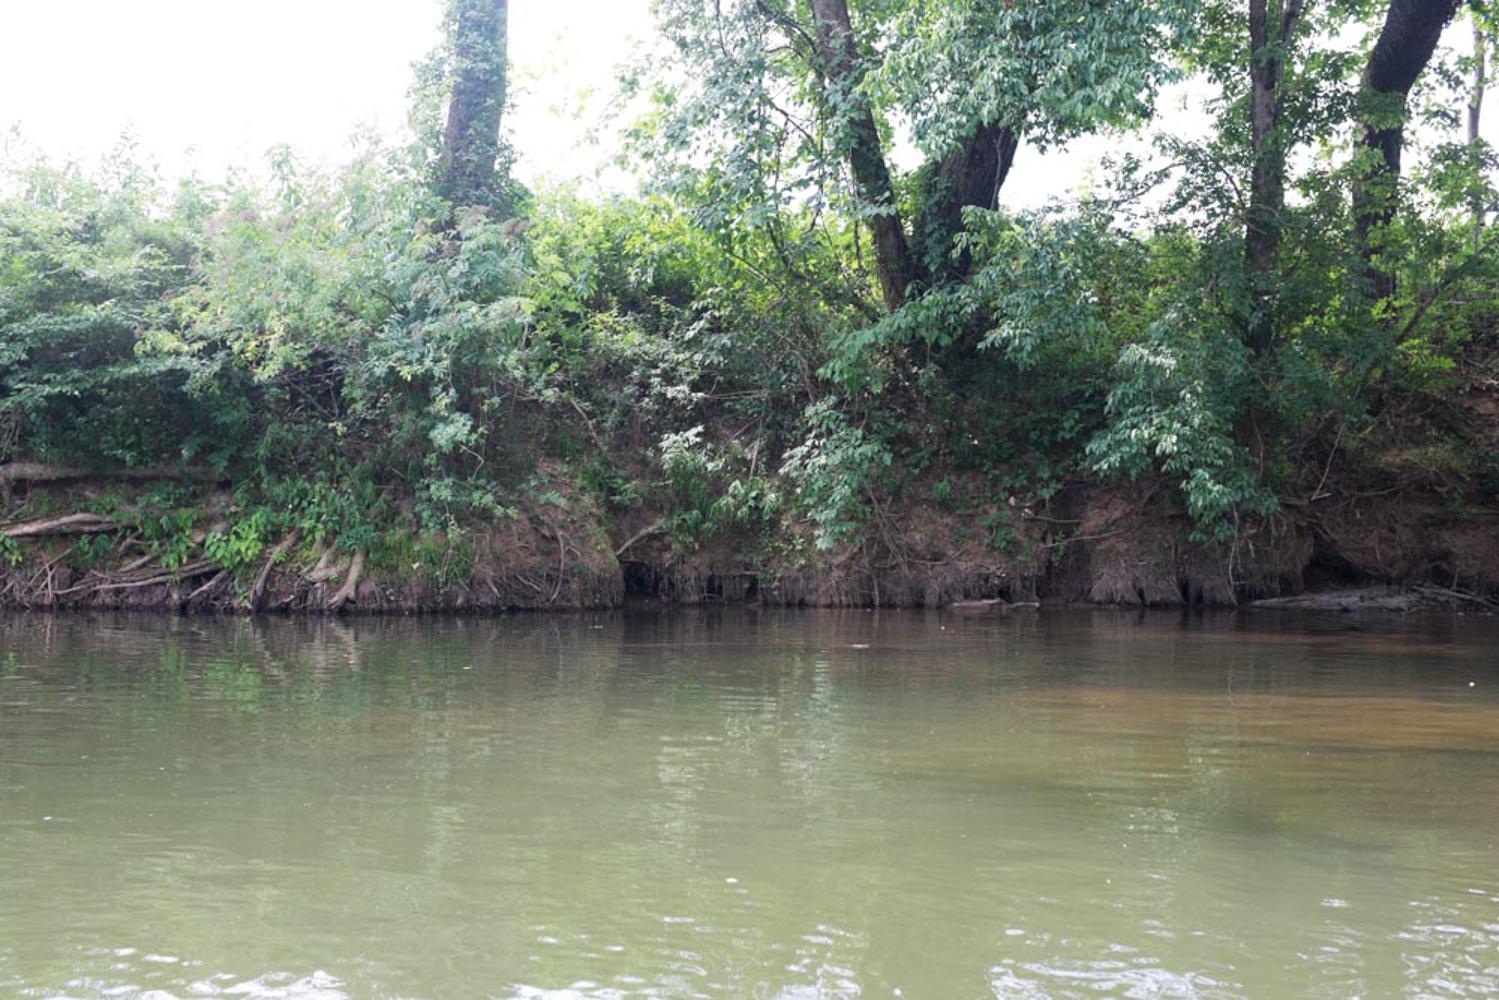 KB_etowah-river-1263.jpg